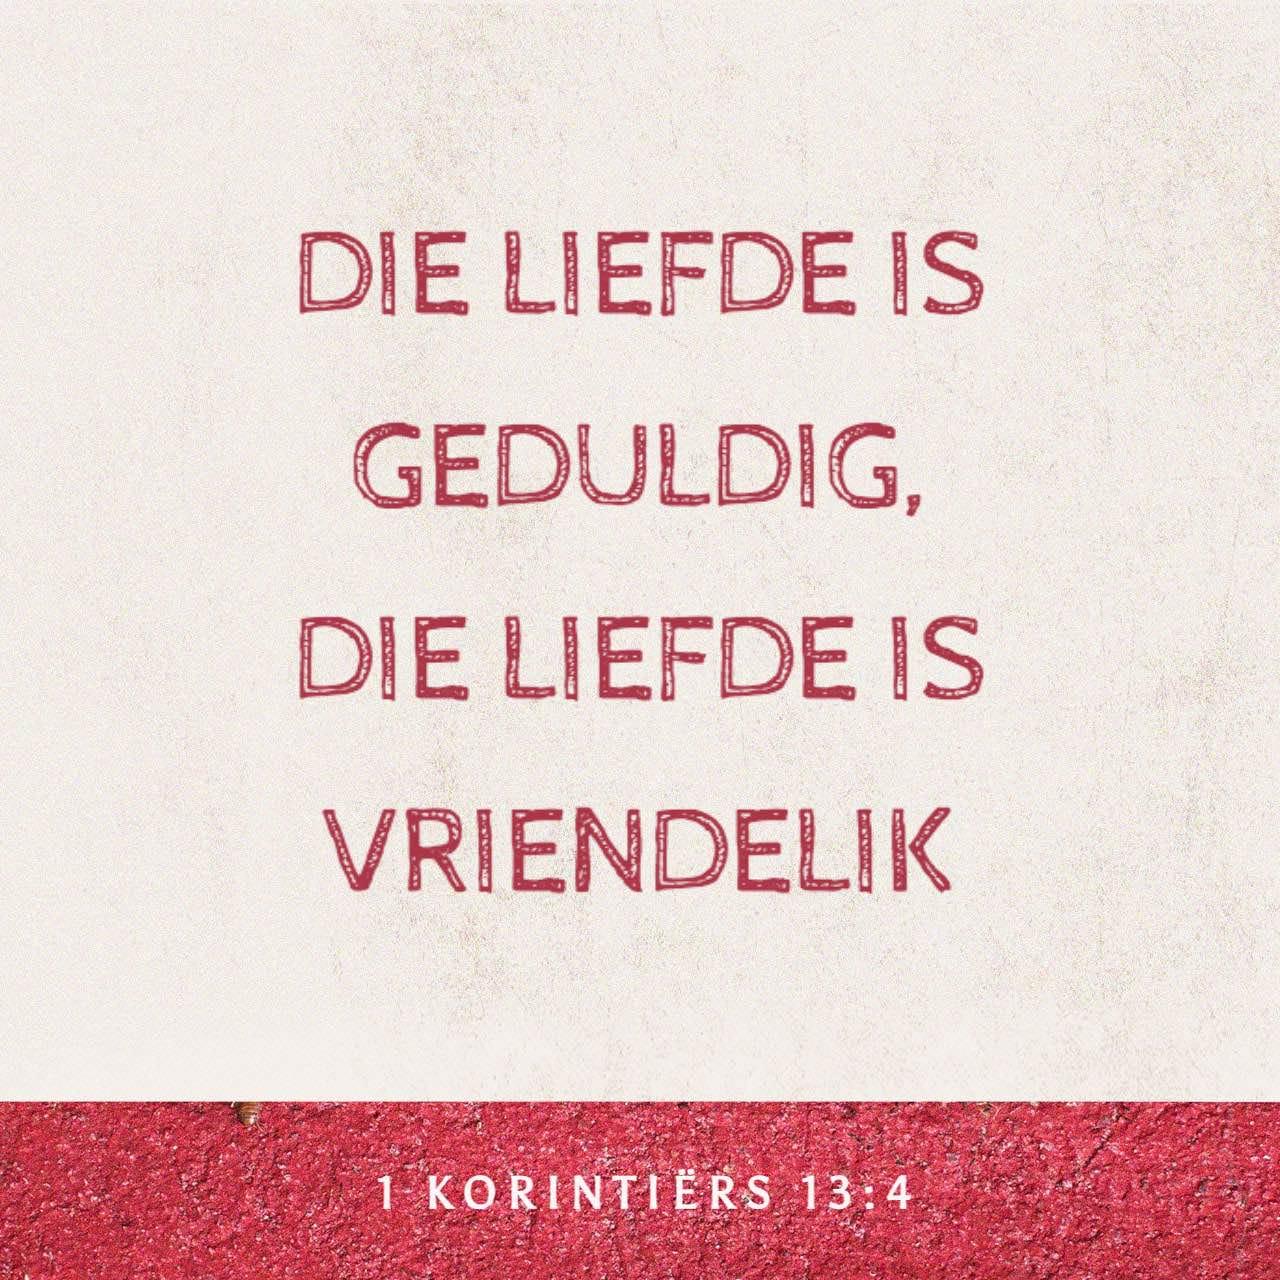 Die liefde is geduldig, die liefde is vriendelik - 1 Korintiërs 13:4 - versbeeld